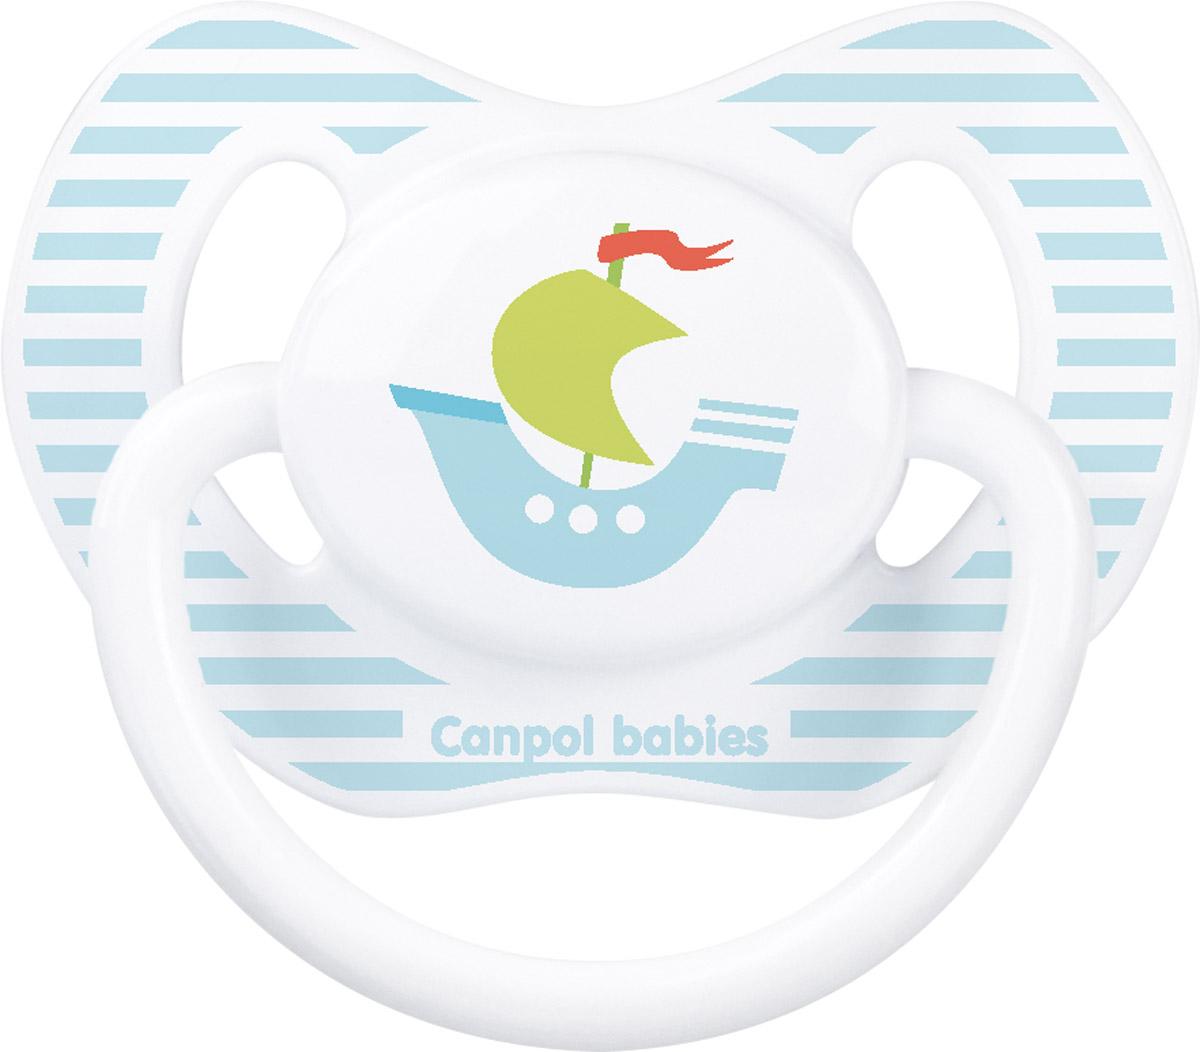 Canpol Babies Пустышка силиконовая ортодонтическая Кораблик от 18 месяцев hevea пустышка ортодонтическая car от 3 месяцев